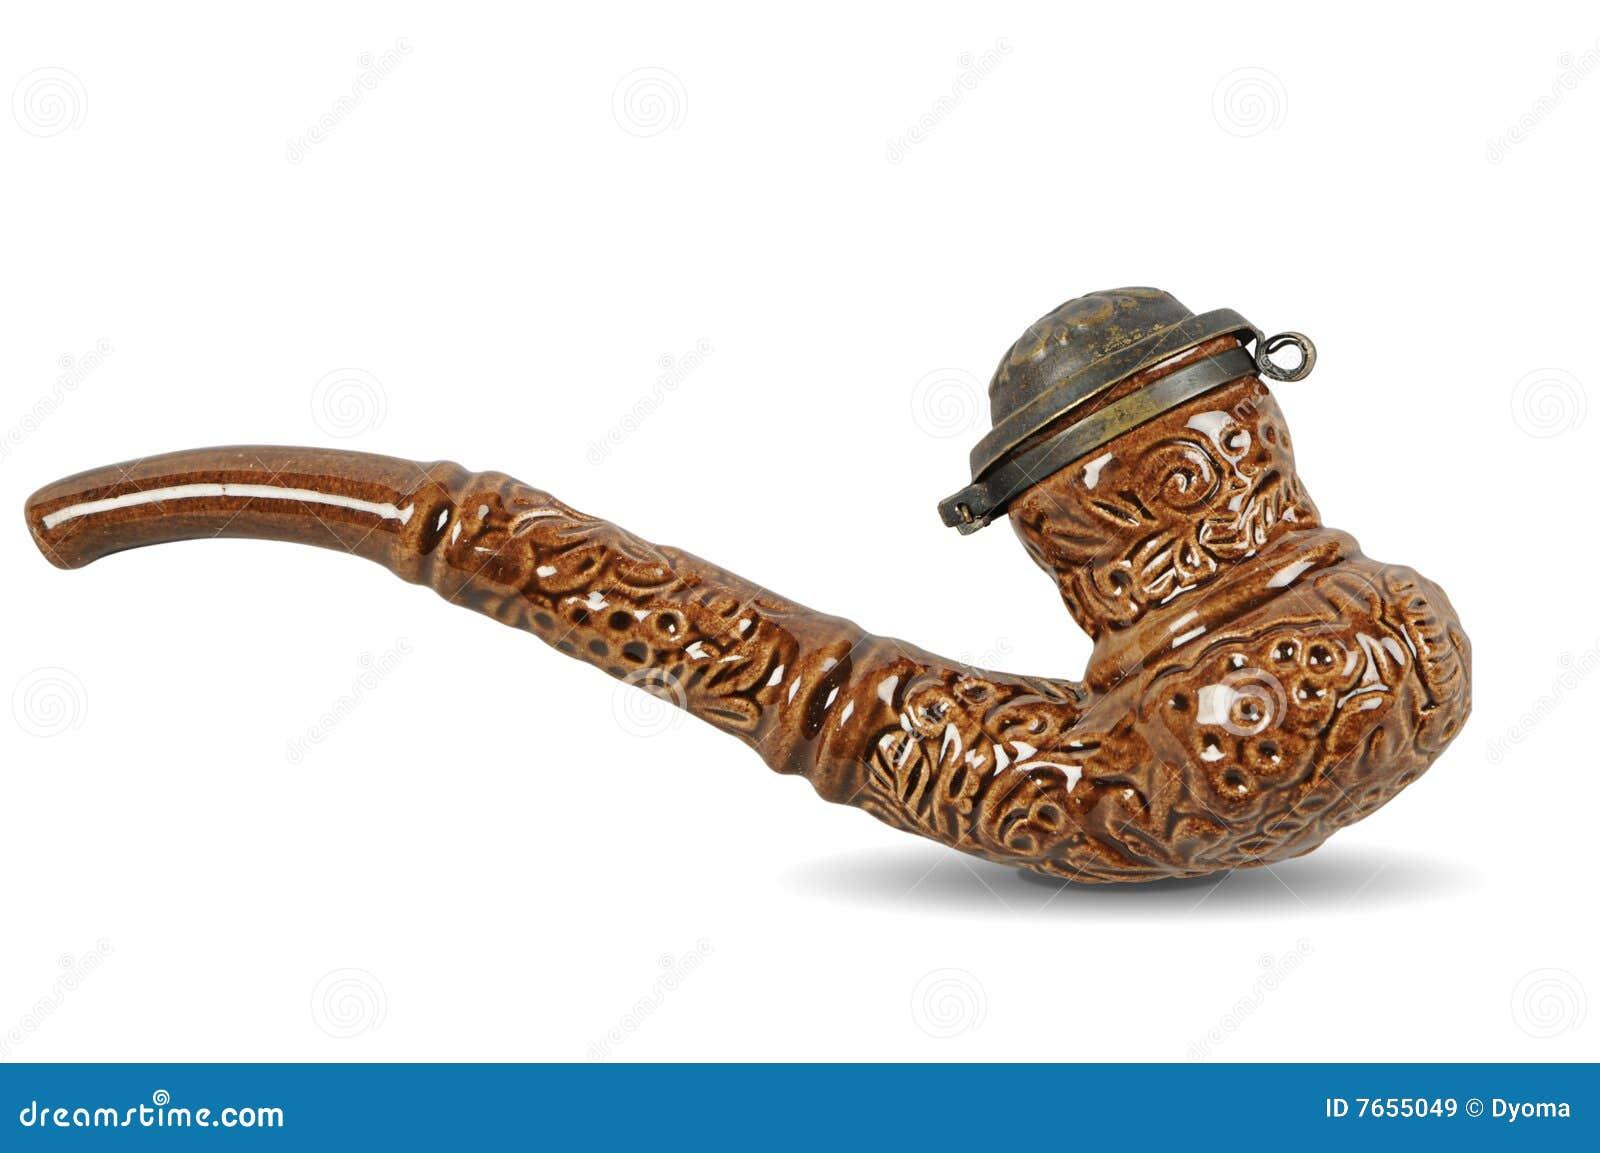 Tobacco-pipe